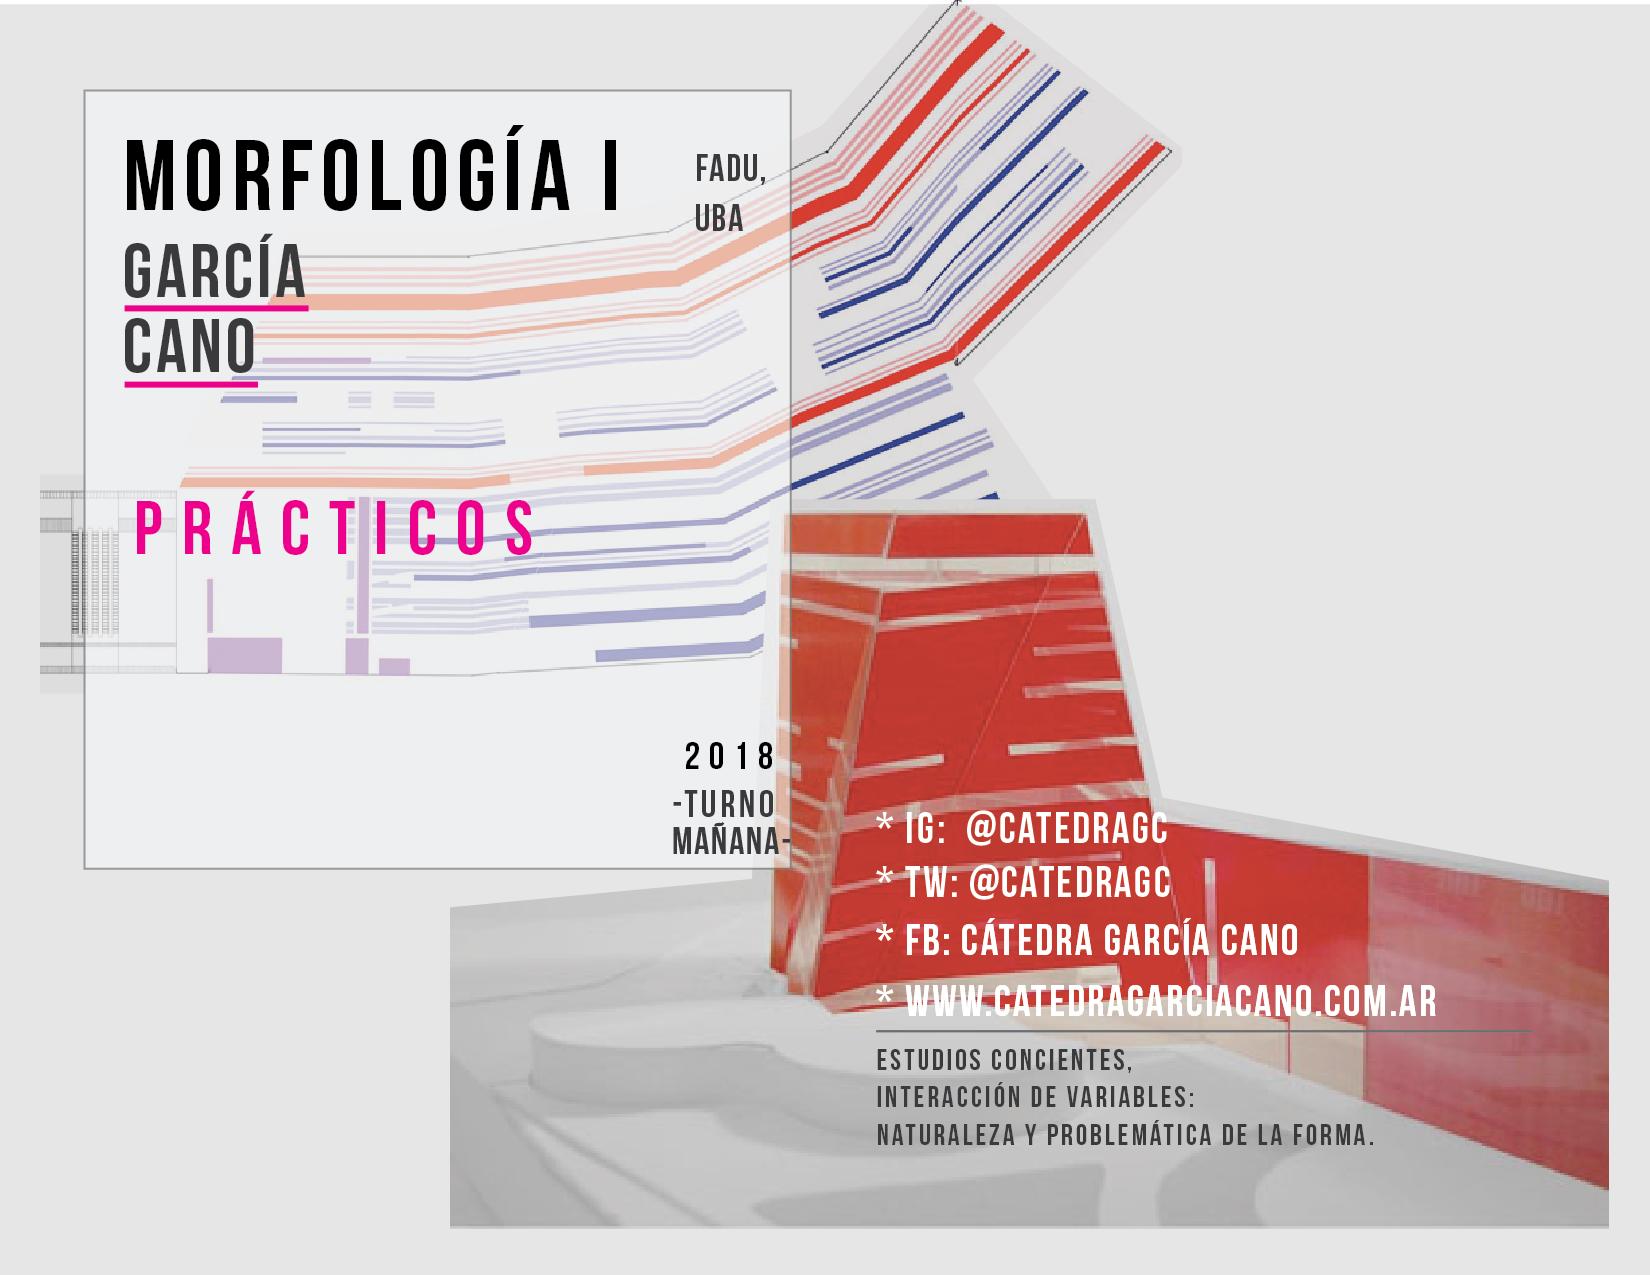 afiche-catedra-18_morfo-1_practicos-02-04